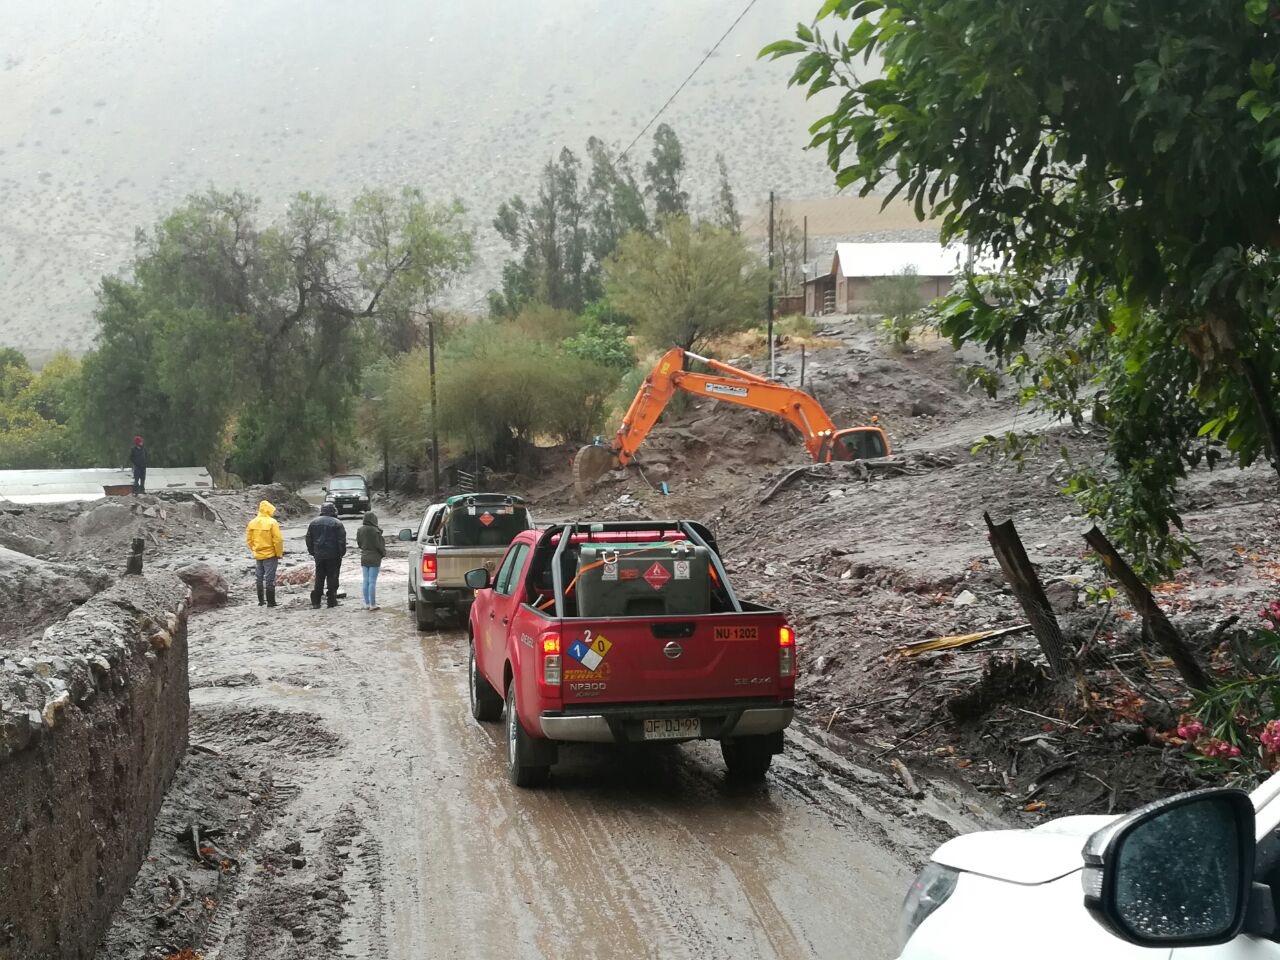 Las 13 medidas del ministerio de Hacienda para apoyar a las zonas declaradas en zona de catástrofe en Atacama